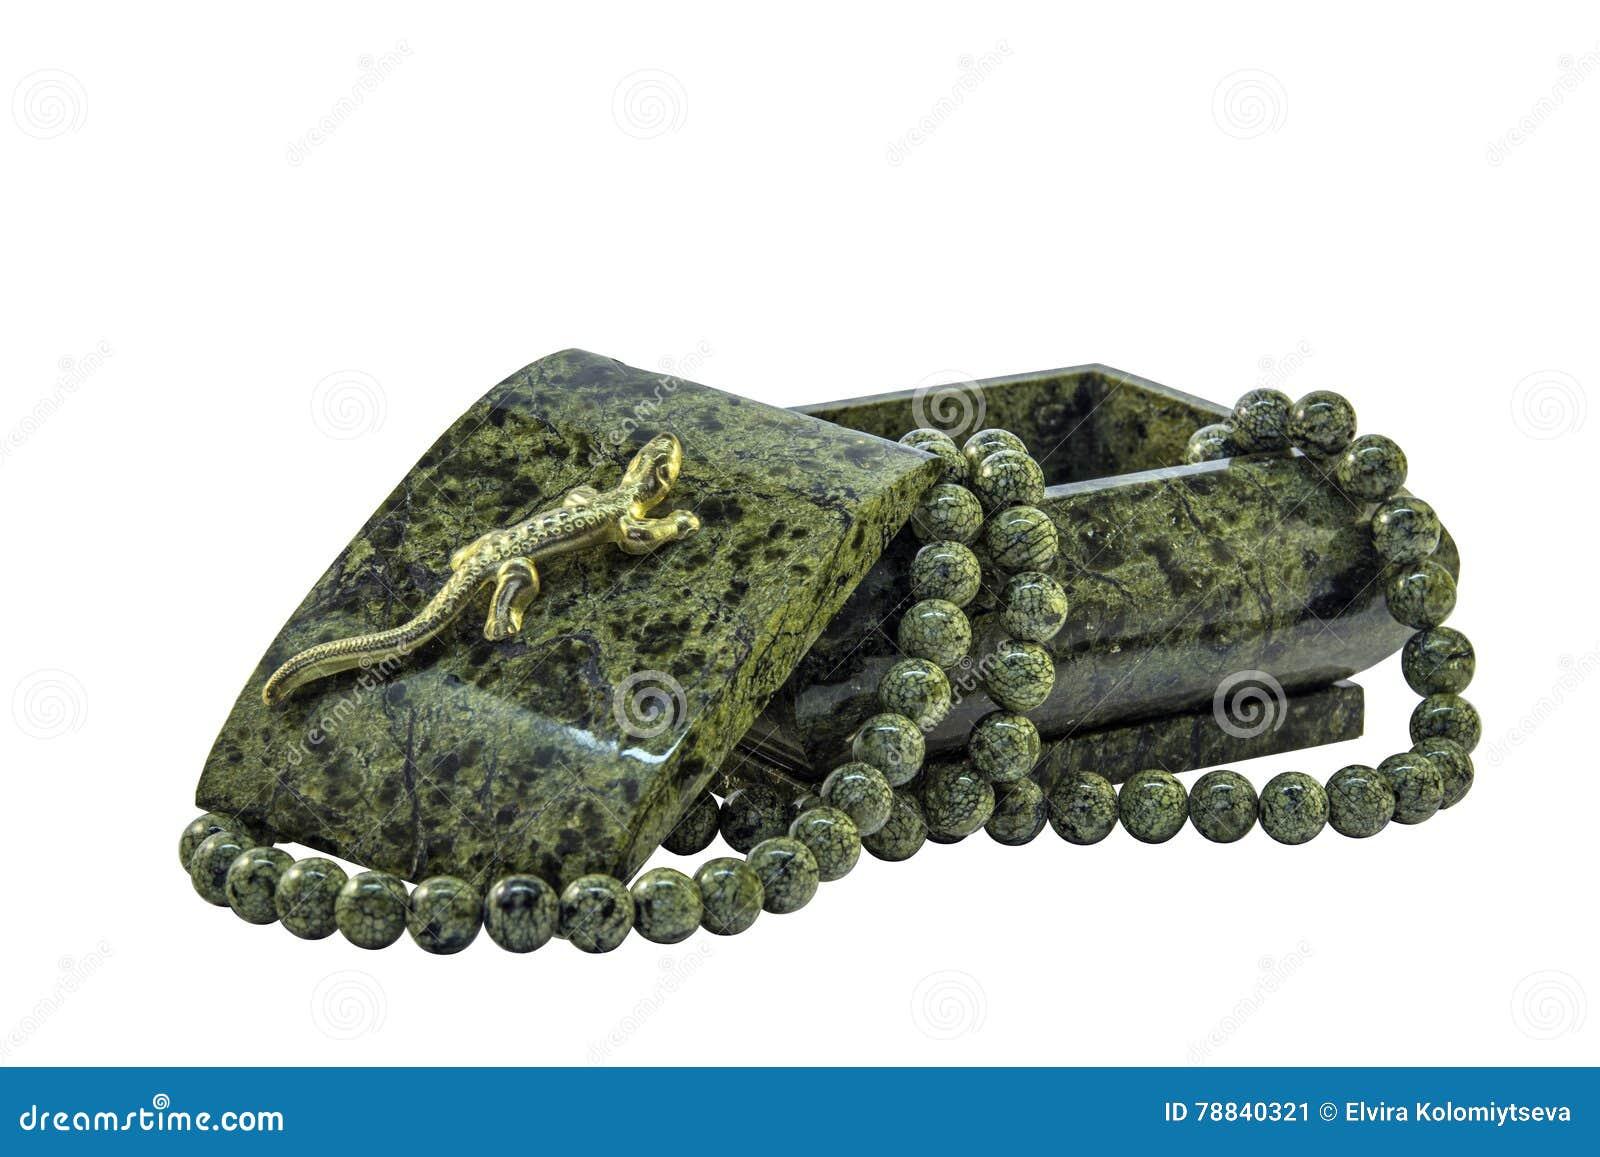 绿沸铜小箱和绿沸铜小珠